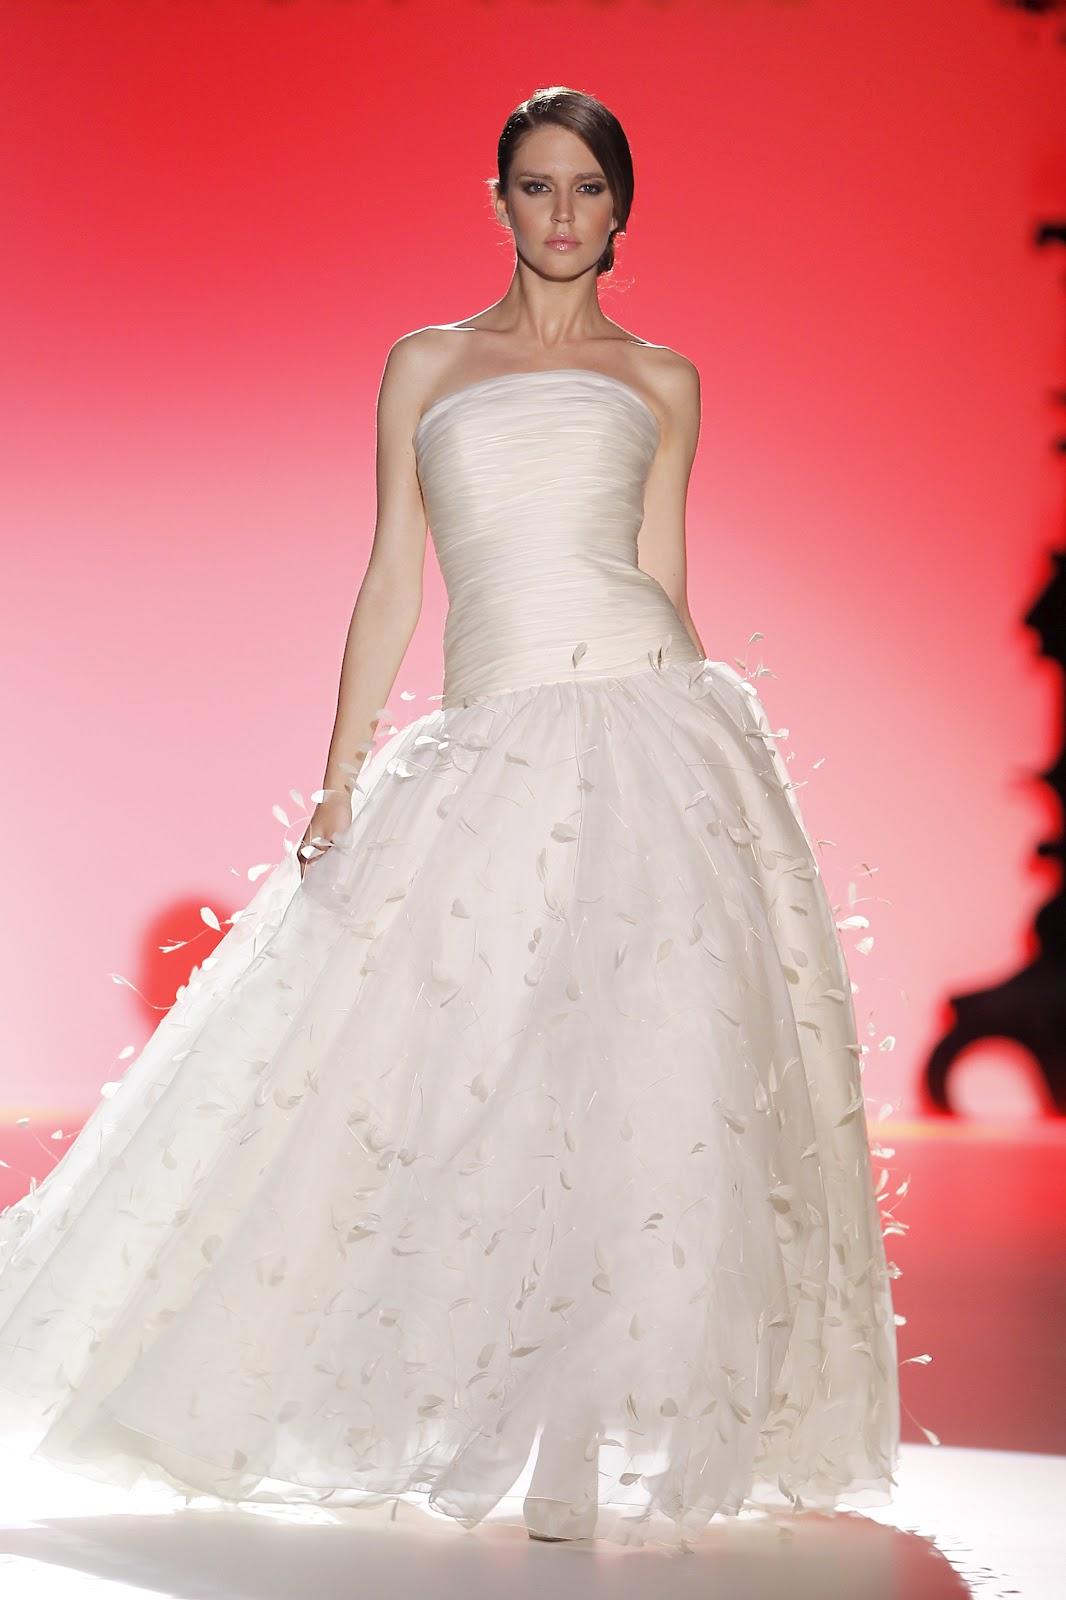 Cesar Acuña Beauty Culture: VESTIDOS DE NOVIA HANNIBAL LAGUNA 2013